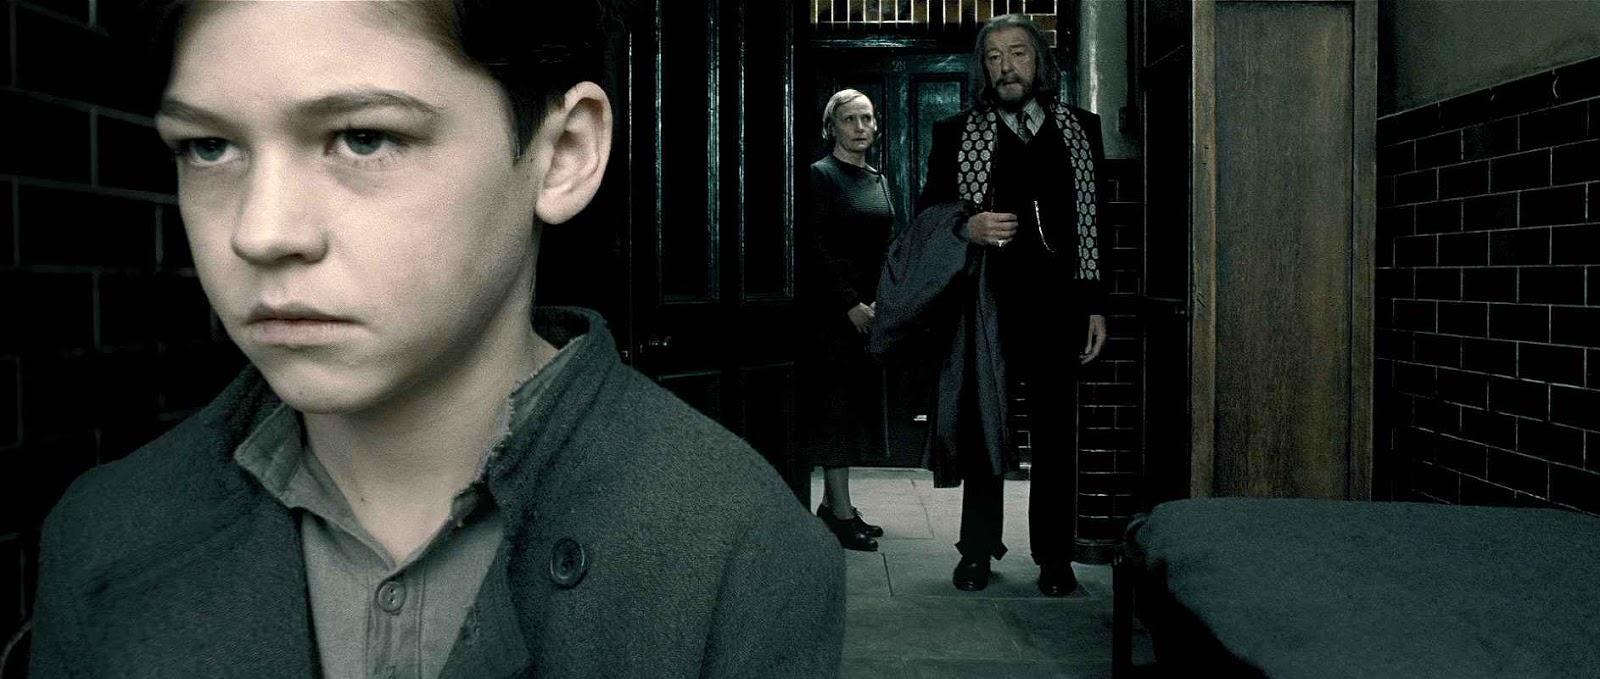 Parte de Harry Potter y El Príncipe Mestizo